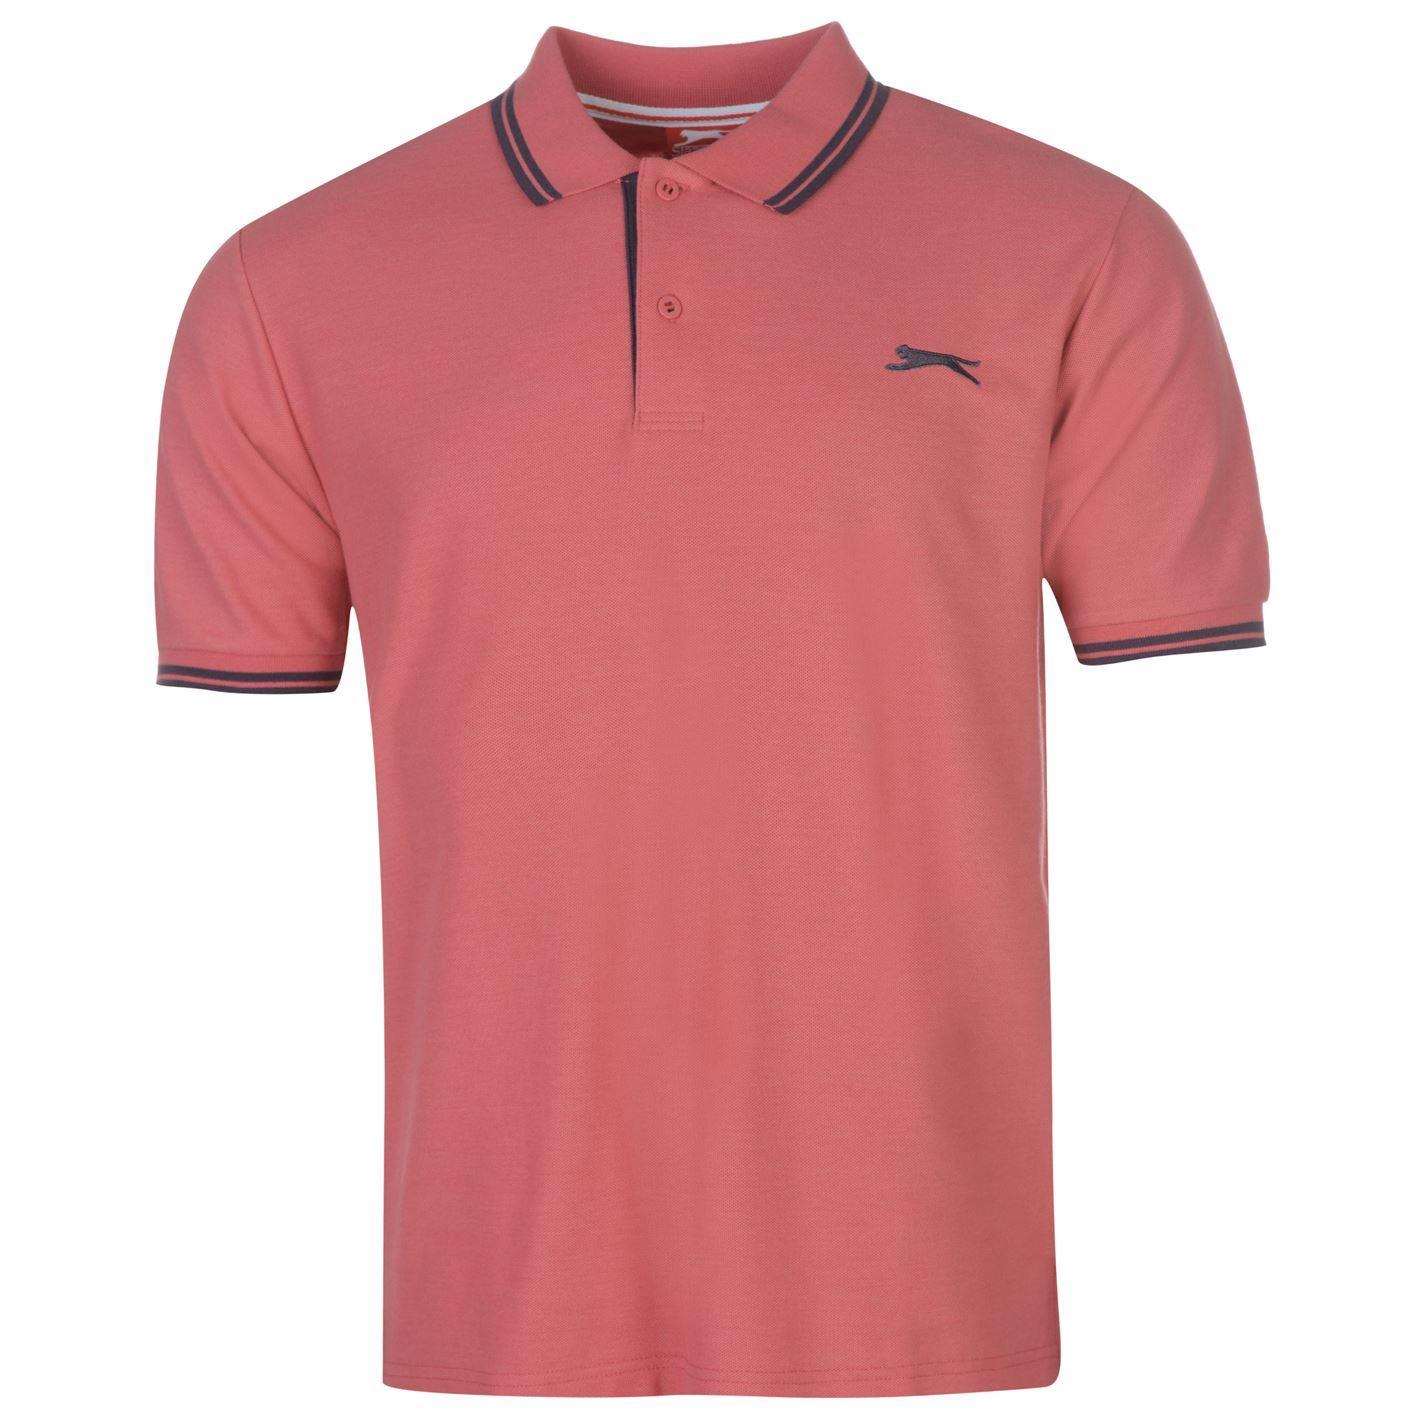 Slazenger-Polo-Camisa-de-hombre-con-cuello-con-Punta-T-Shirt-Top-Camiseta-Tee miniatura 99